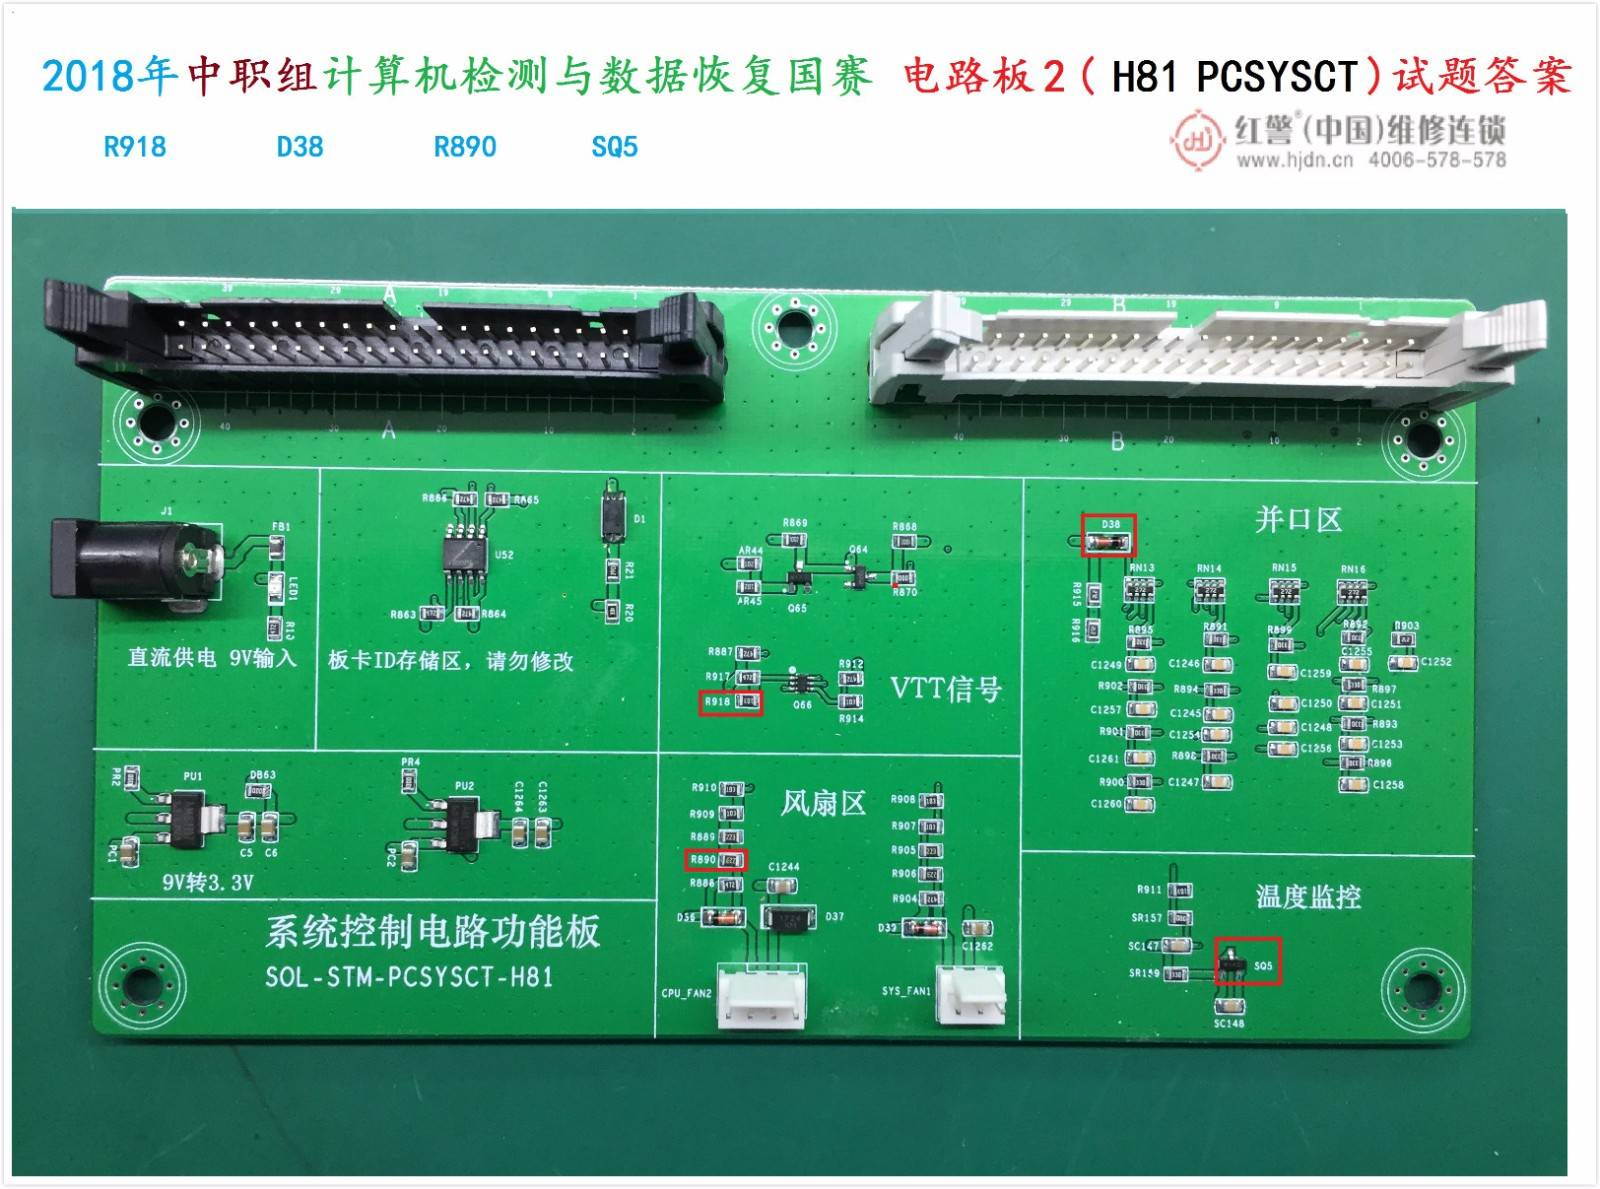 电路板2  H81PCSYSCT系统控制电路小板试题答案.JPG